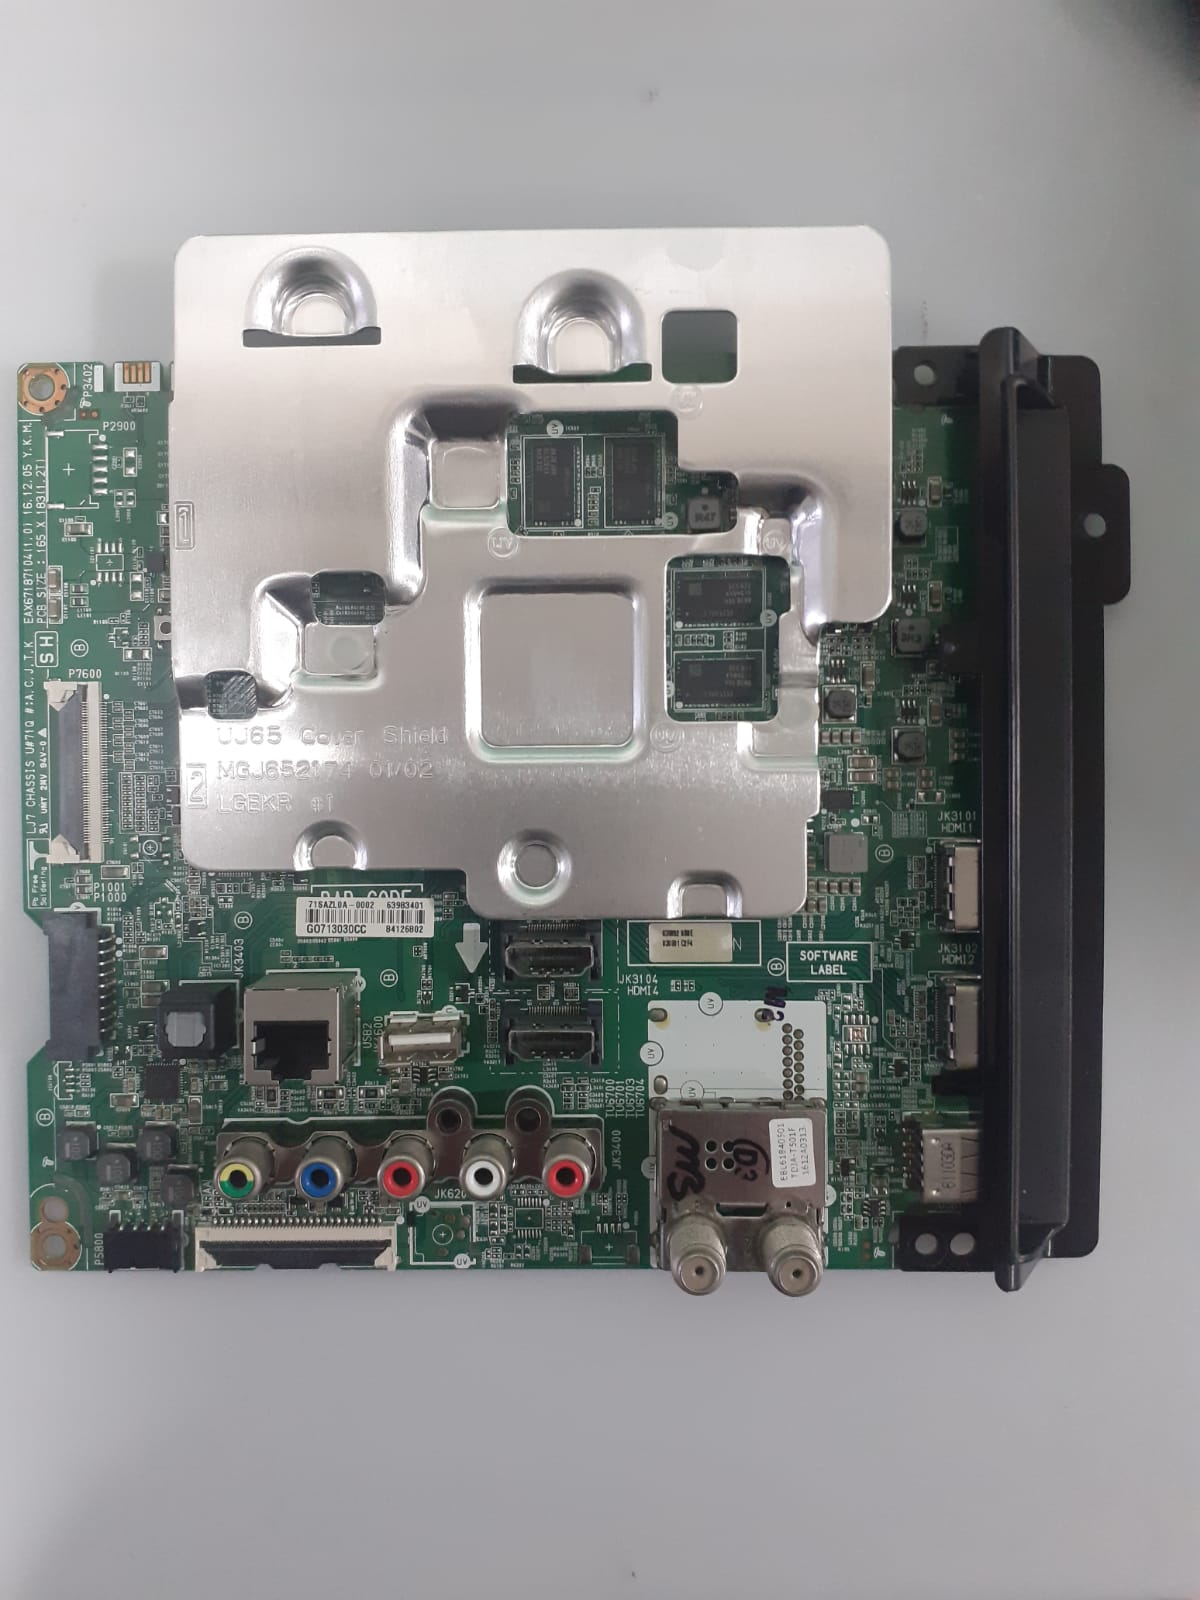 Placa Principal TV LG UJ65MGJ652174 01/02 - EAX67187104(1.0)